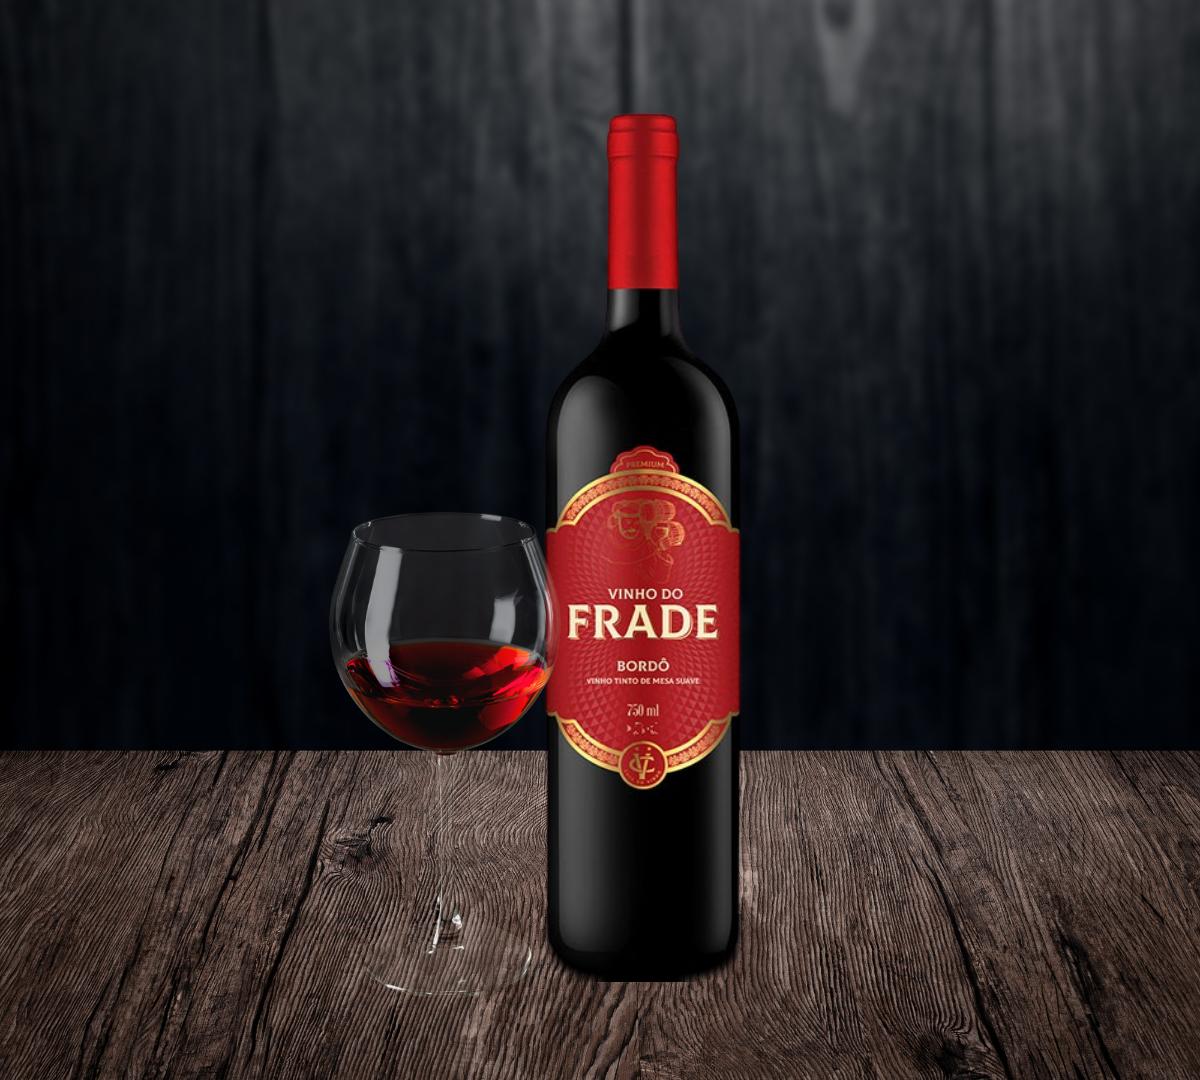 Vinho do Frade